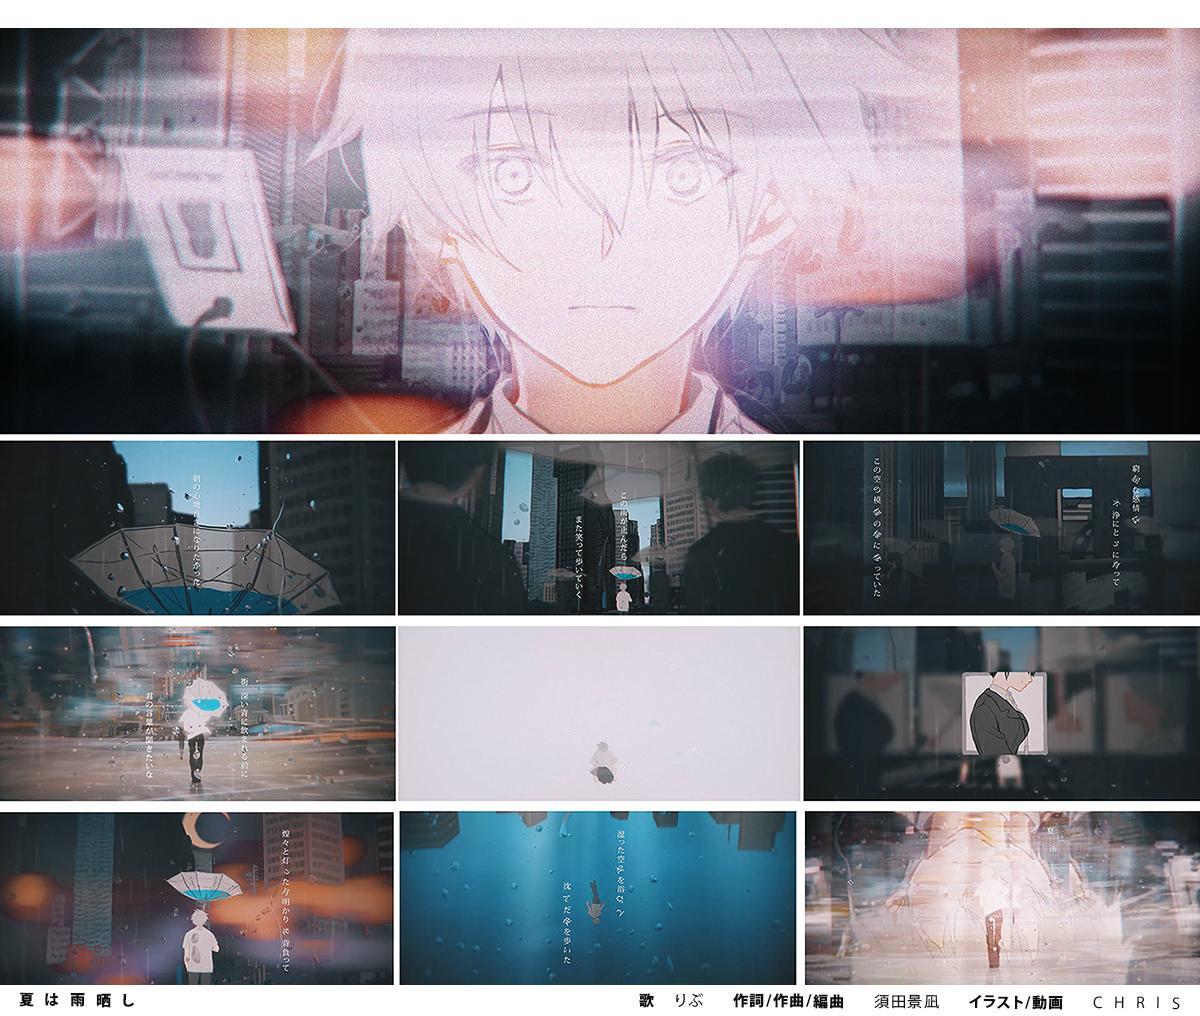 りぶさんと須田景凪さんの新曲『夏は雨晒し』MVイラストと動画を担当させていただきました。5年ぶりくらいにりぶさんの動画制作!ぜひ見てくださると嬉しいです☔️ #Ribingfossil 【ニコニコ動画】  【YouTube】